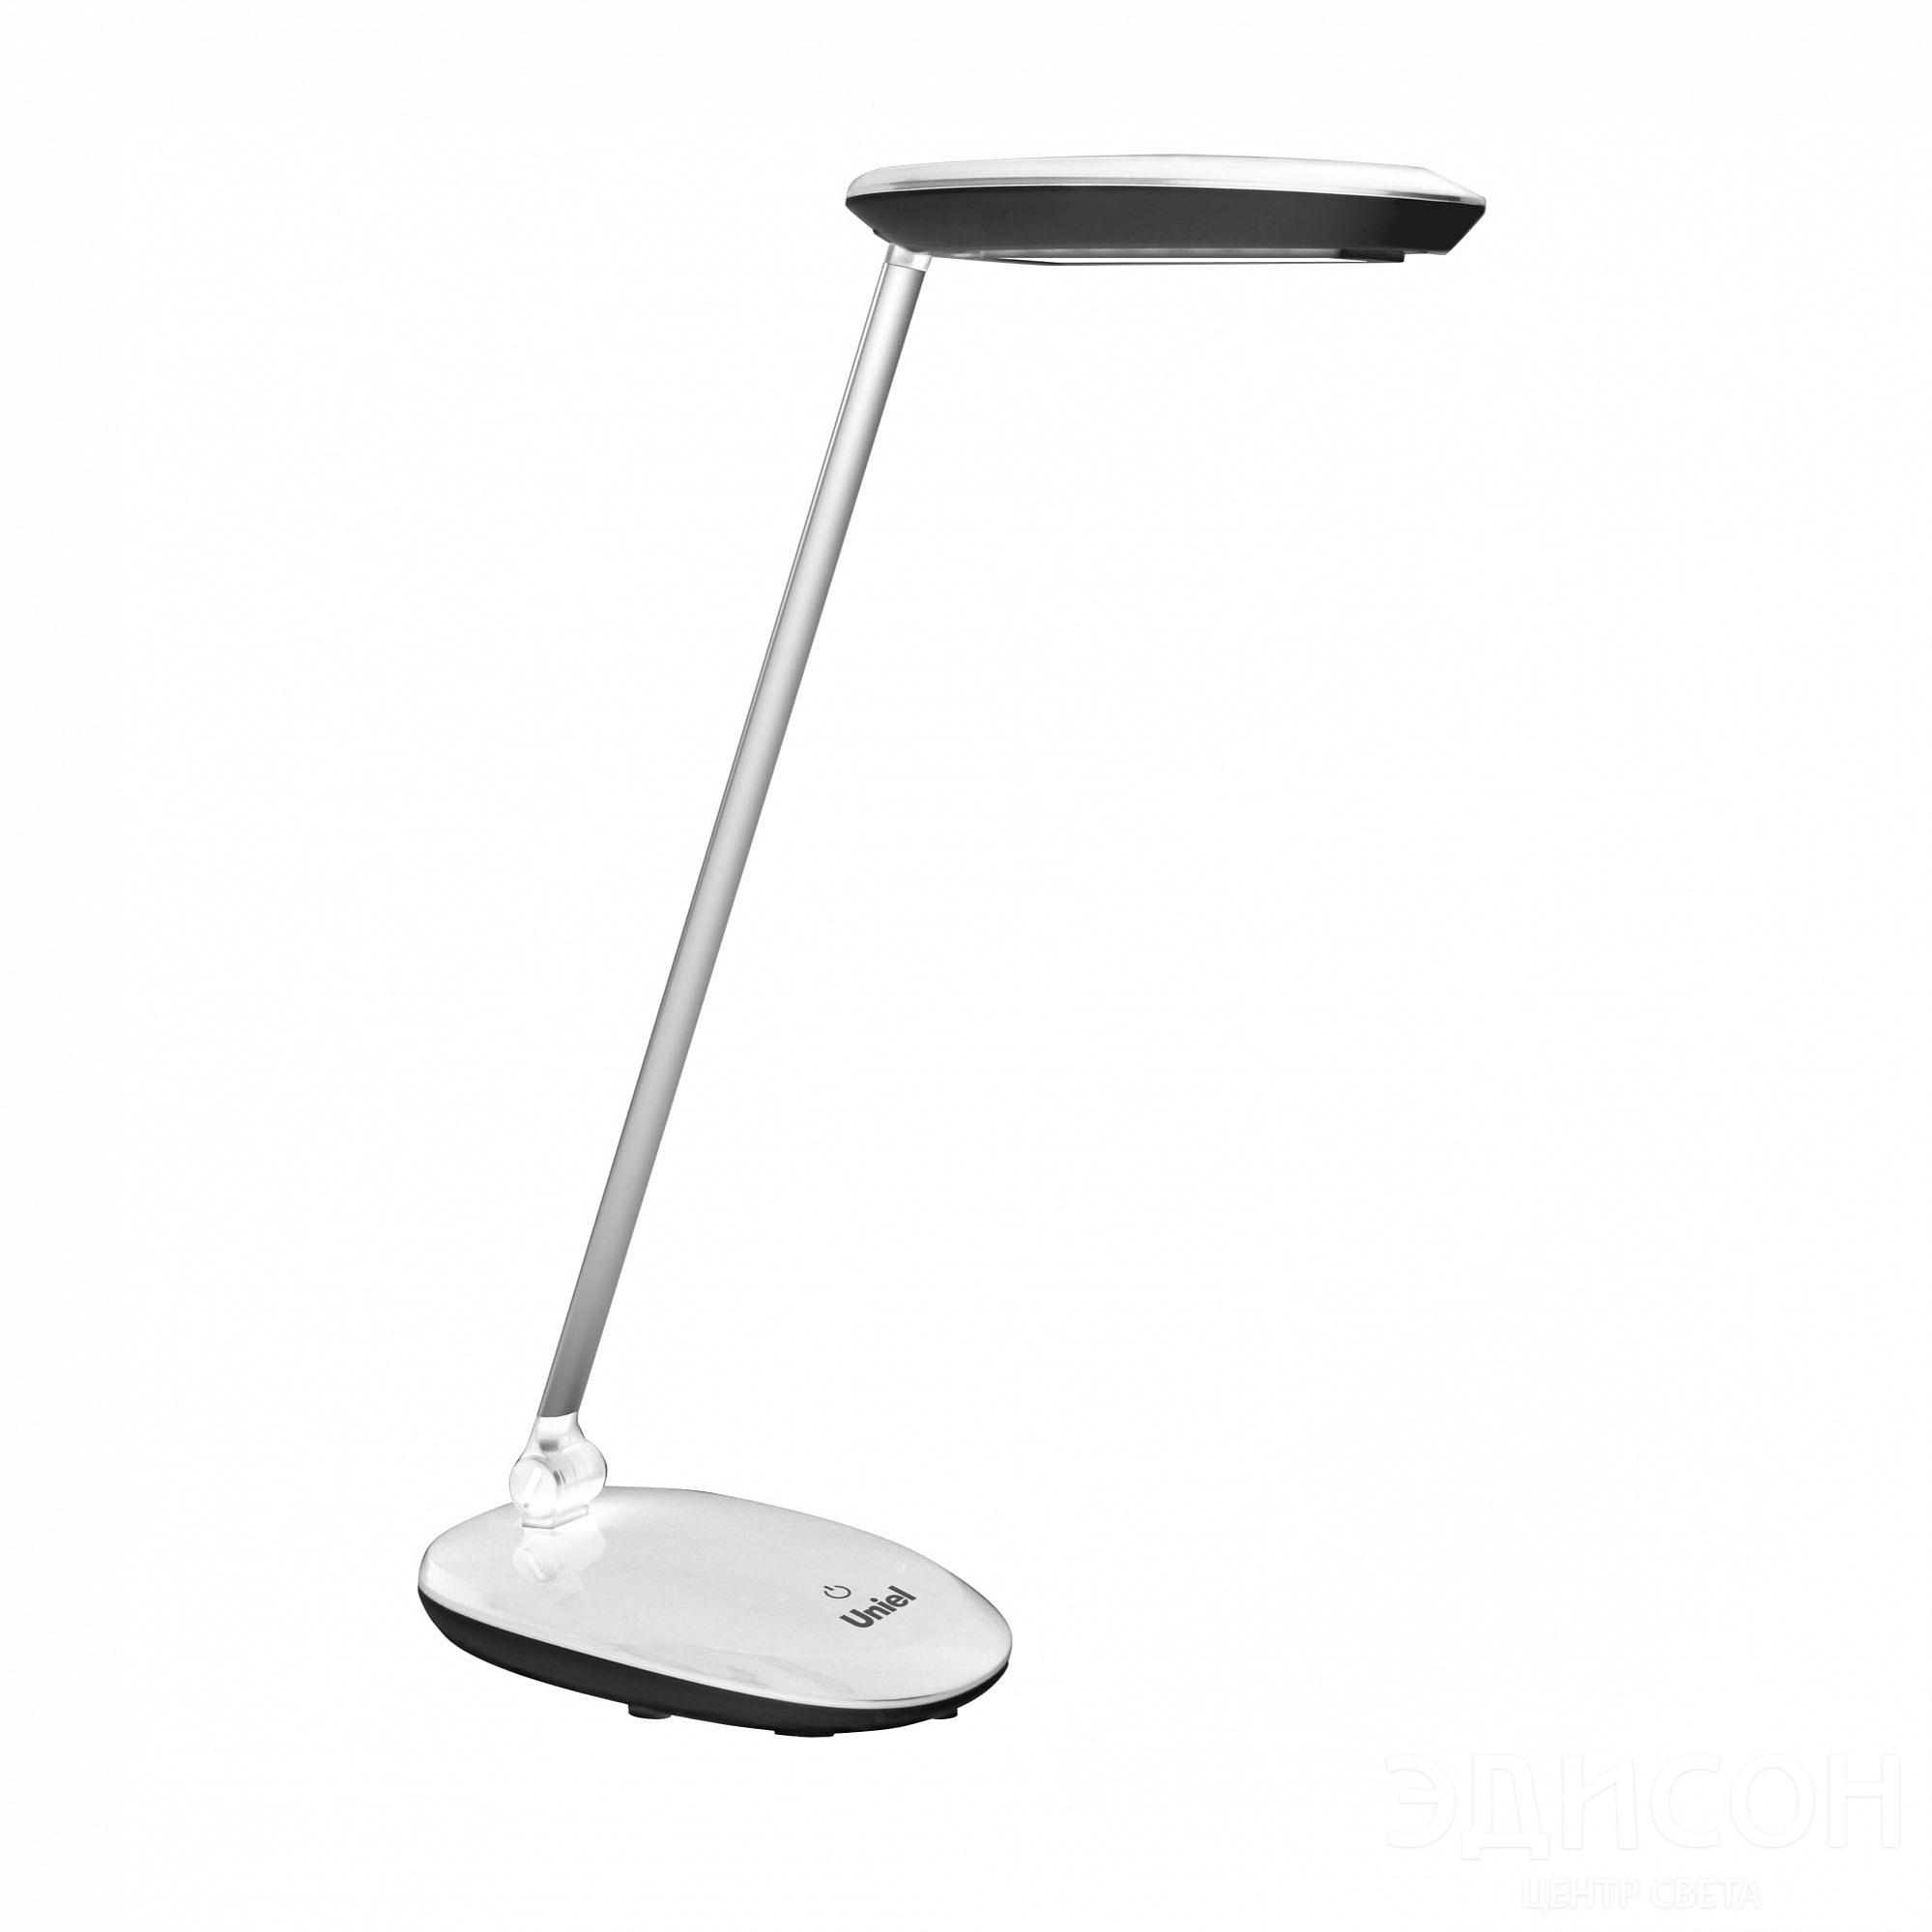 Лампа настольная Uniel Tld-531 black-white настольный led светильник uniel tld 531 4w 4500k белый